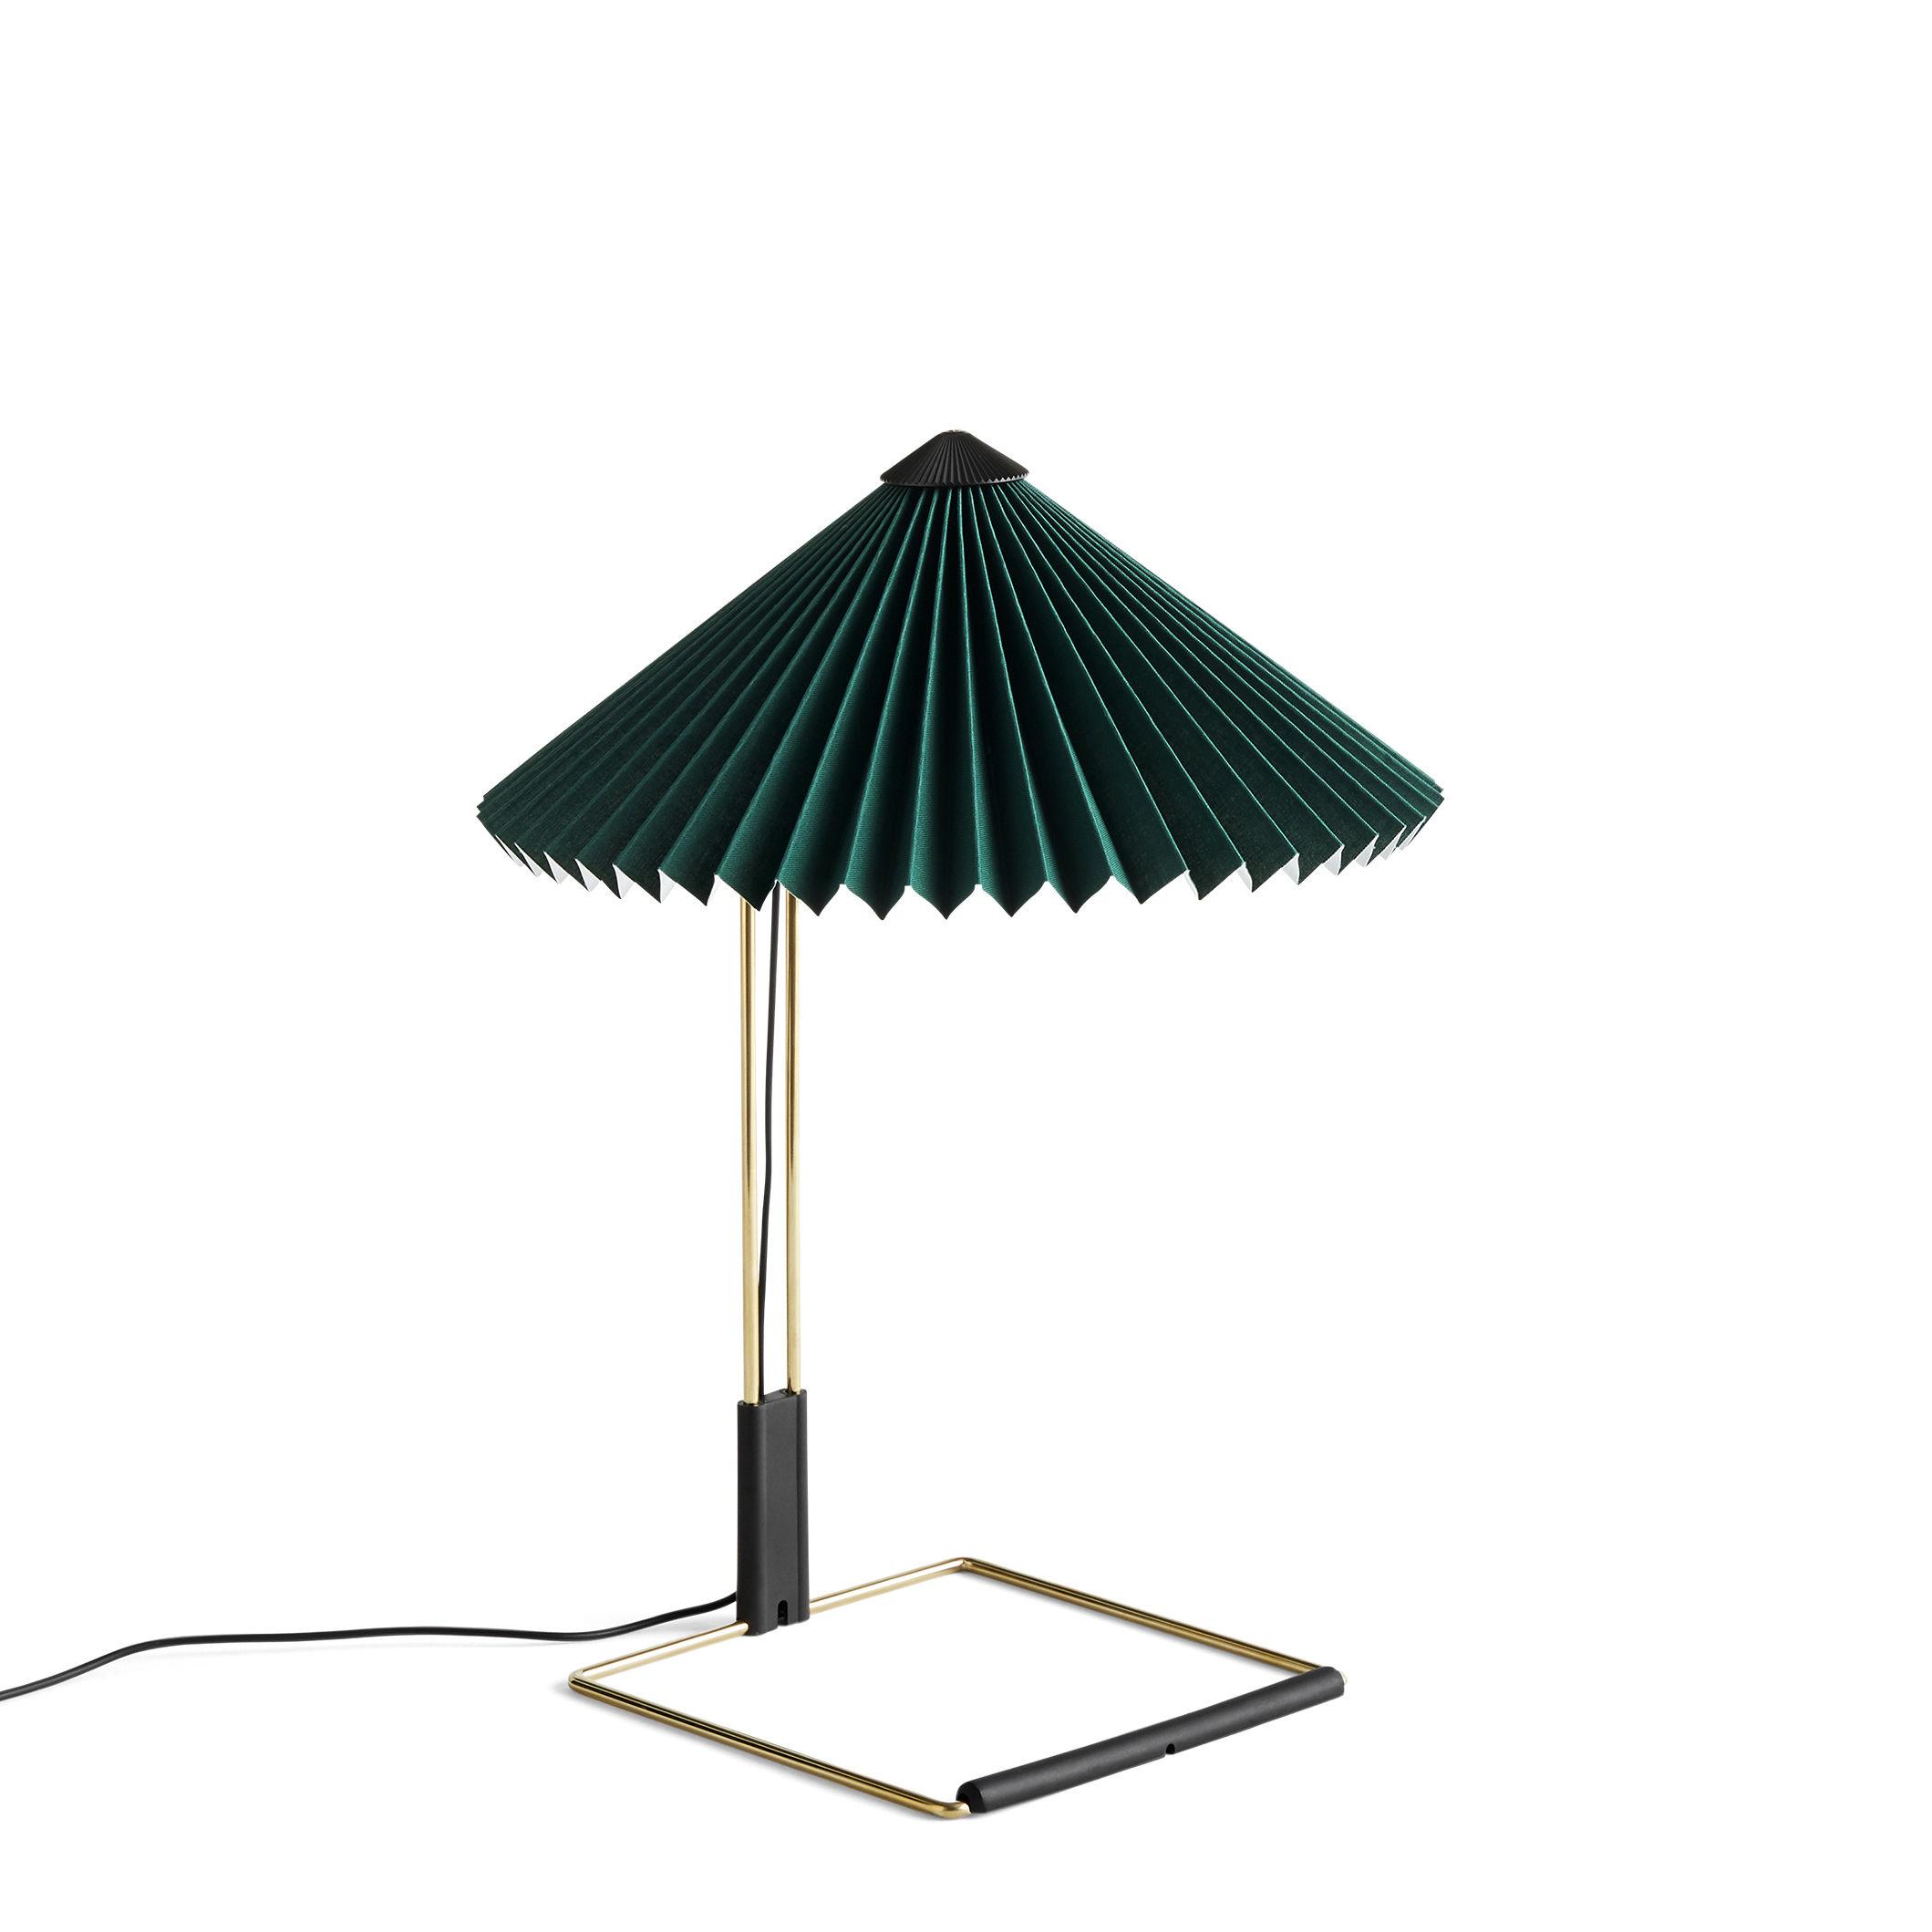 Luminaire - Lampes de table - Lampe de table Matin Small / LED - H 38 cm - Tissu & métal - Hay - Vert / Laiton poli - Acier finition laiton, Coton plissé